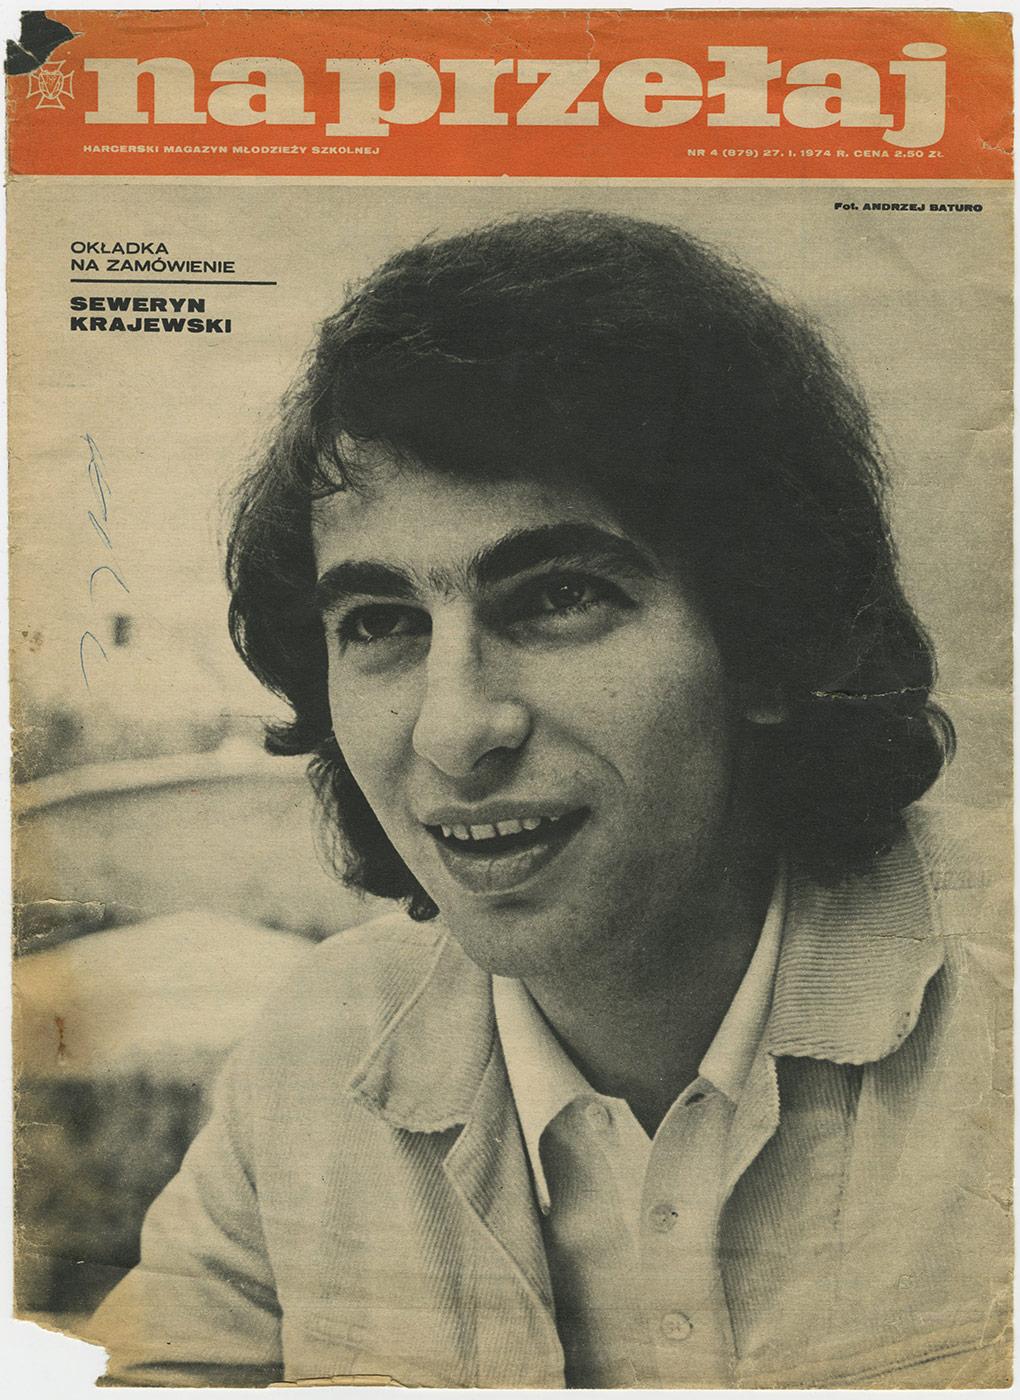 1969-1978_naprzelaj_1974_oklaka_na_zamowienie_01